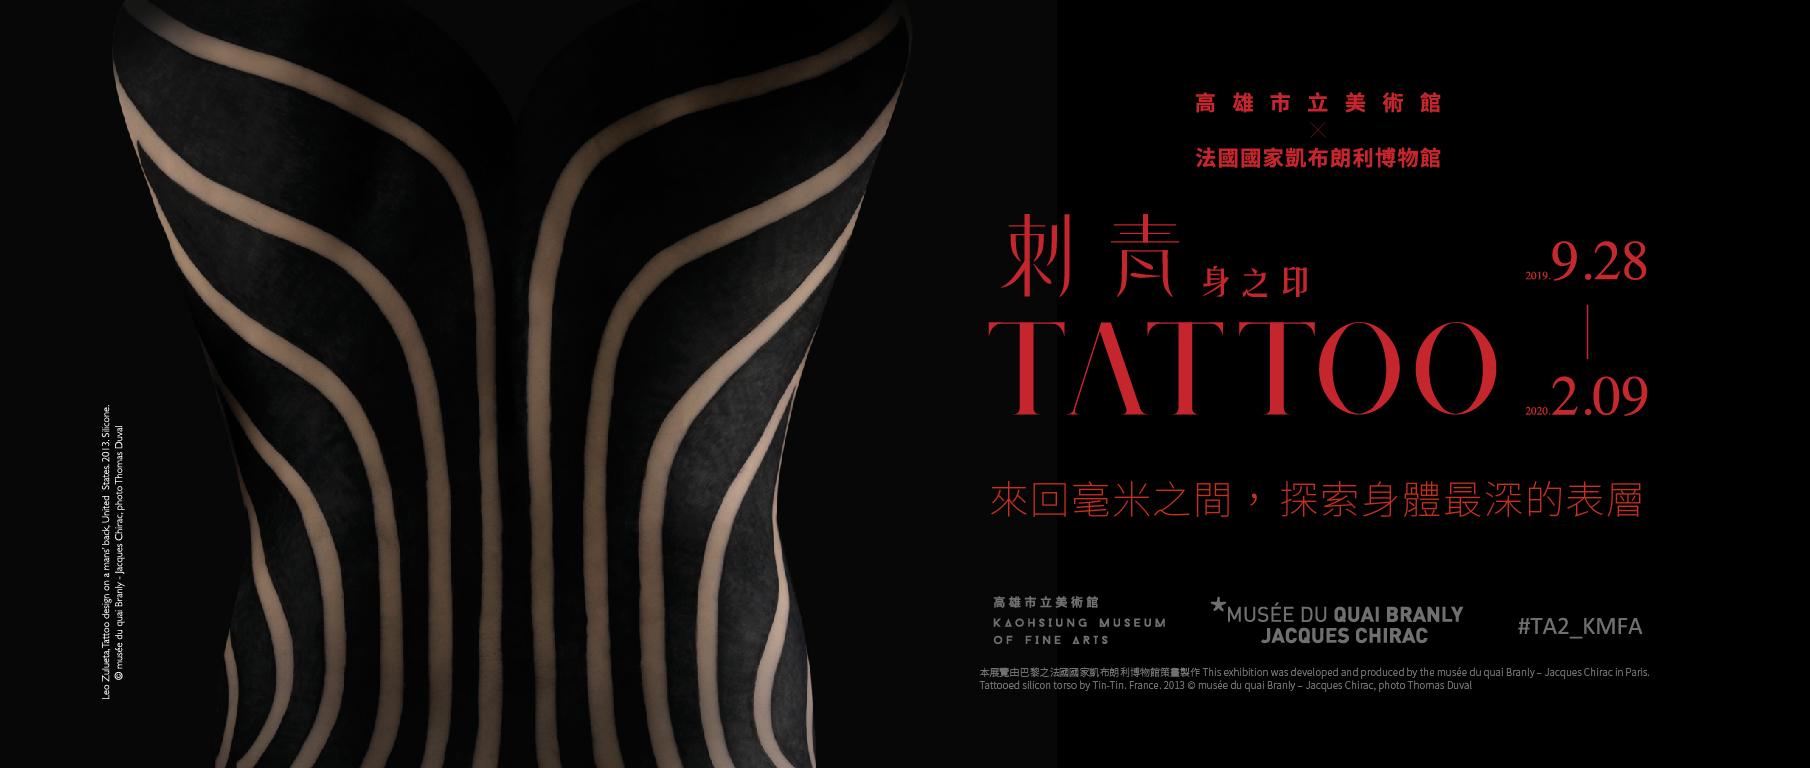 TATTOO 刺青—身之印